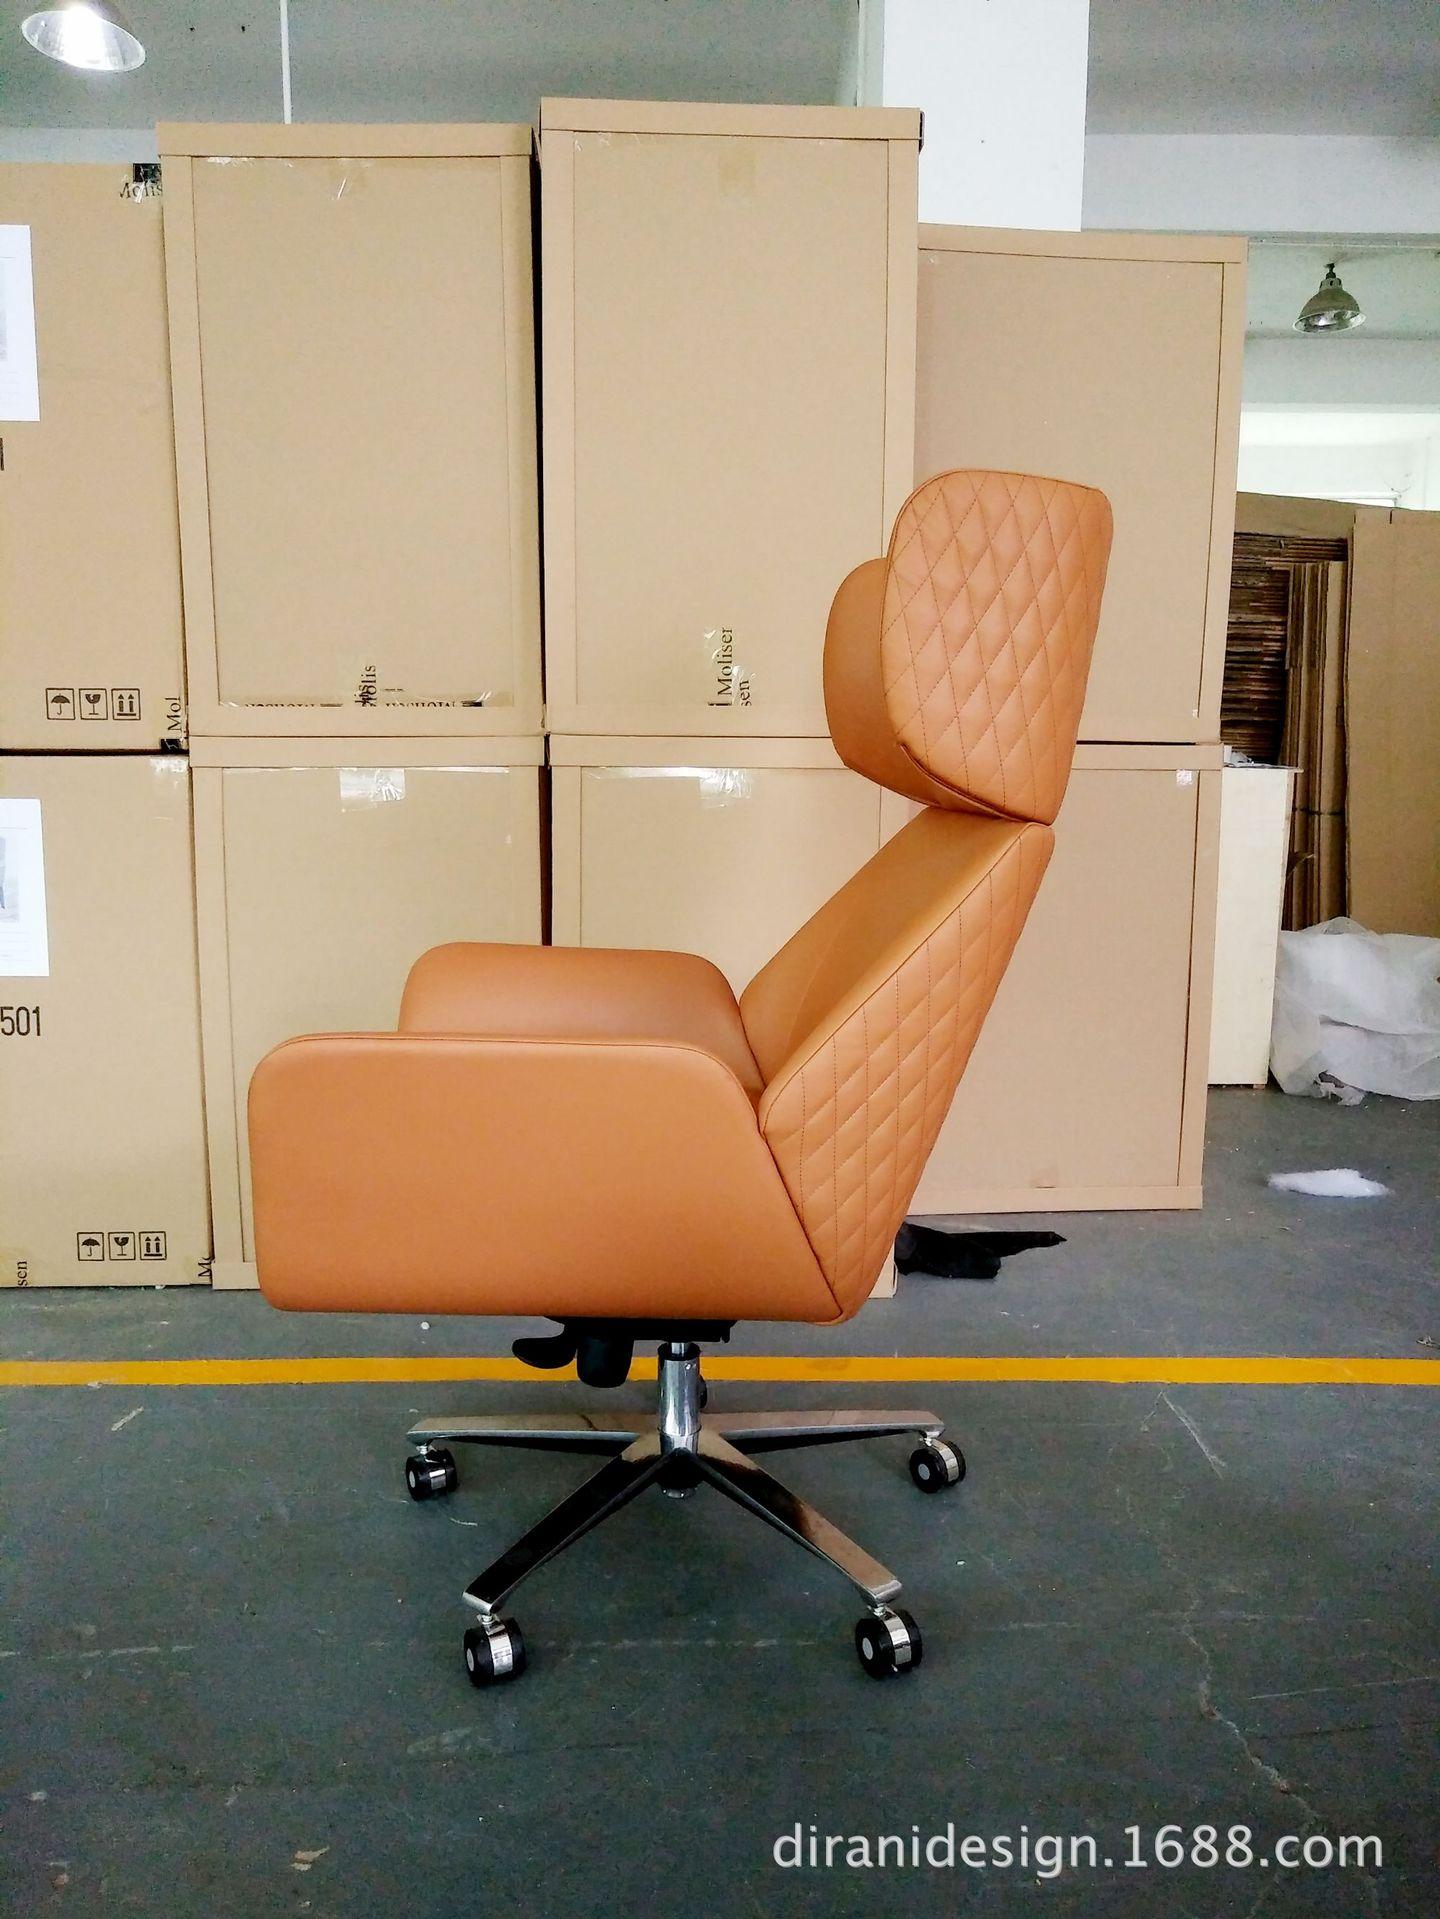 Ghế đơn bằng da kiểu xoay dùng trong văn phòng .